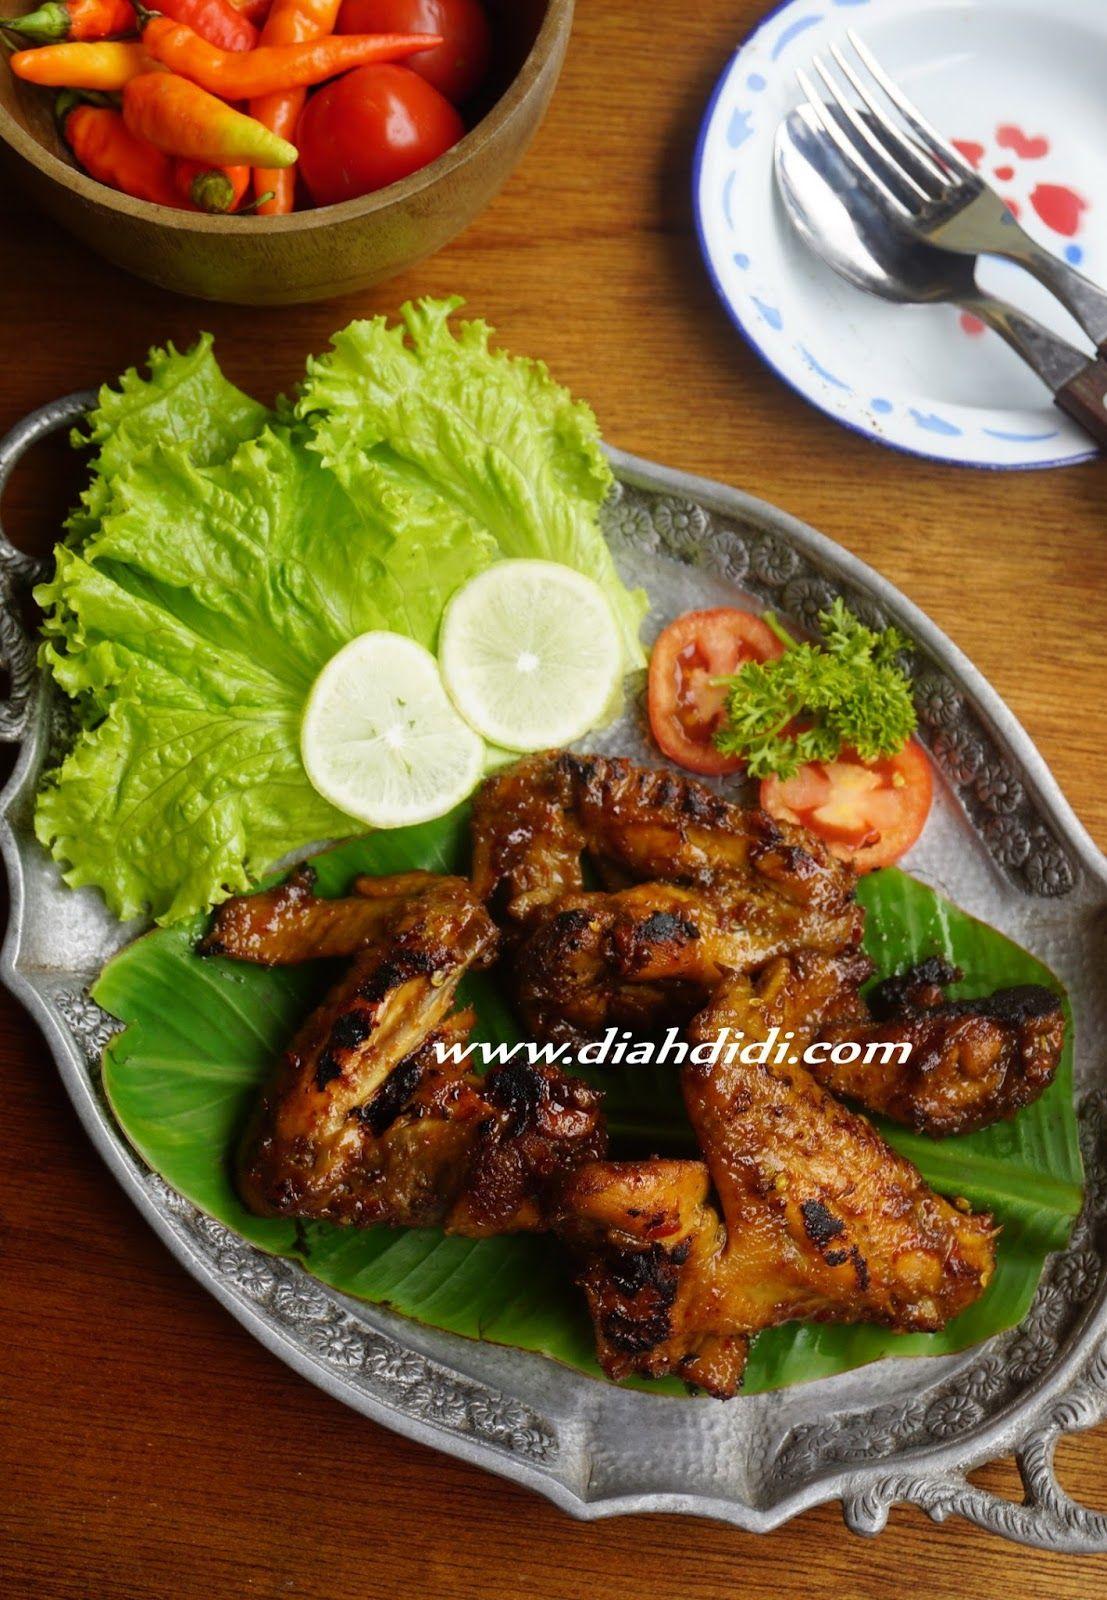 Blog Diah Didi Berisi Resep Masakan Praktis Yang Mudah Dipraktekkan Di Rumah Sayap Ayam Resep Masakan Resep Makanan